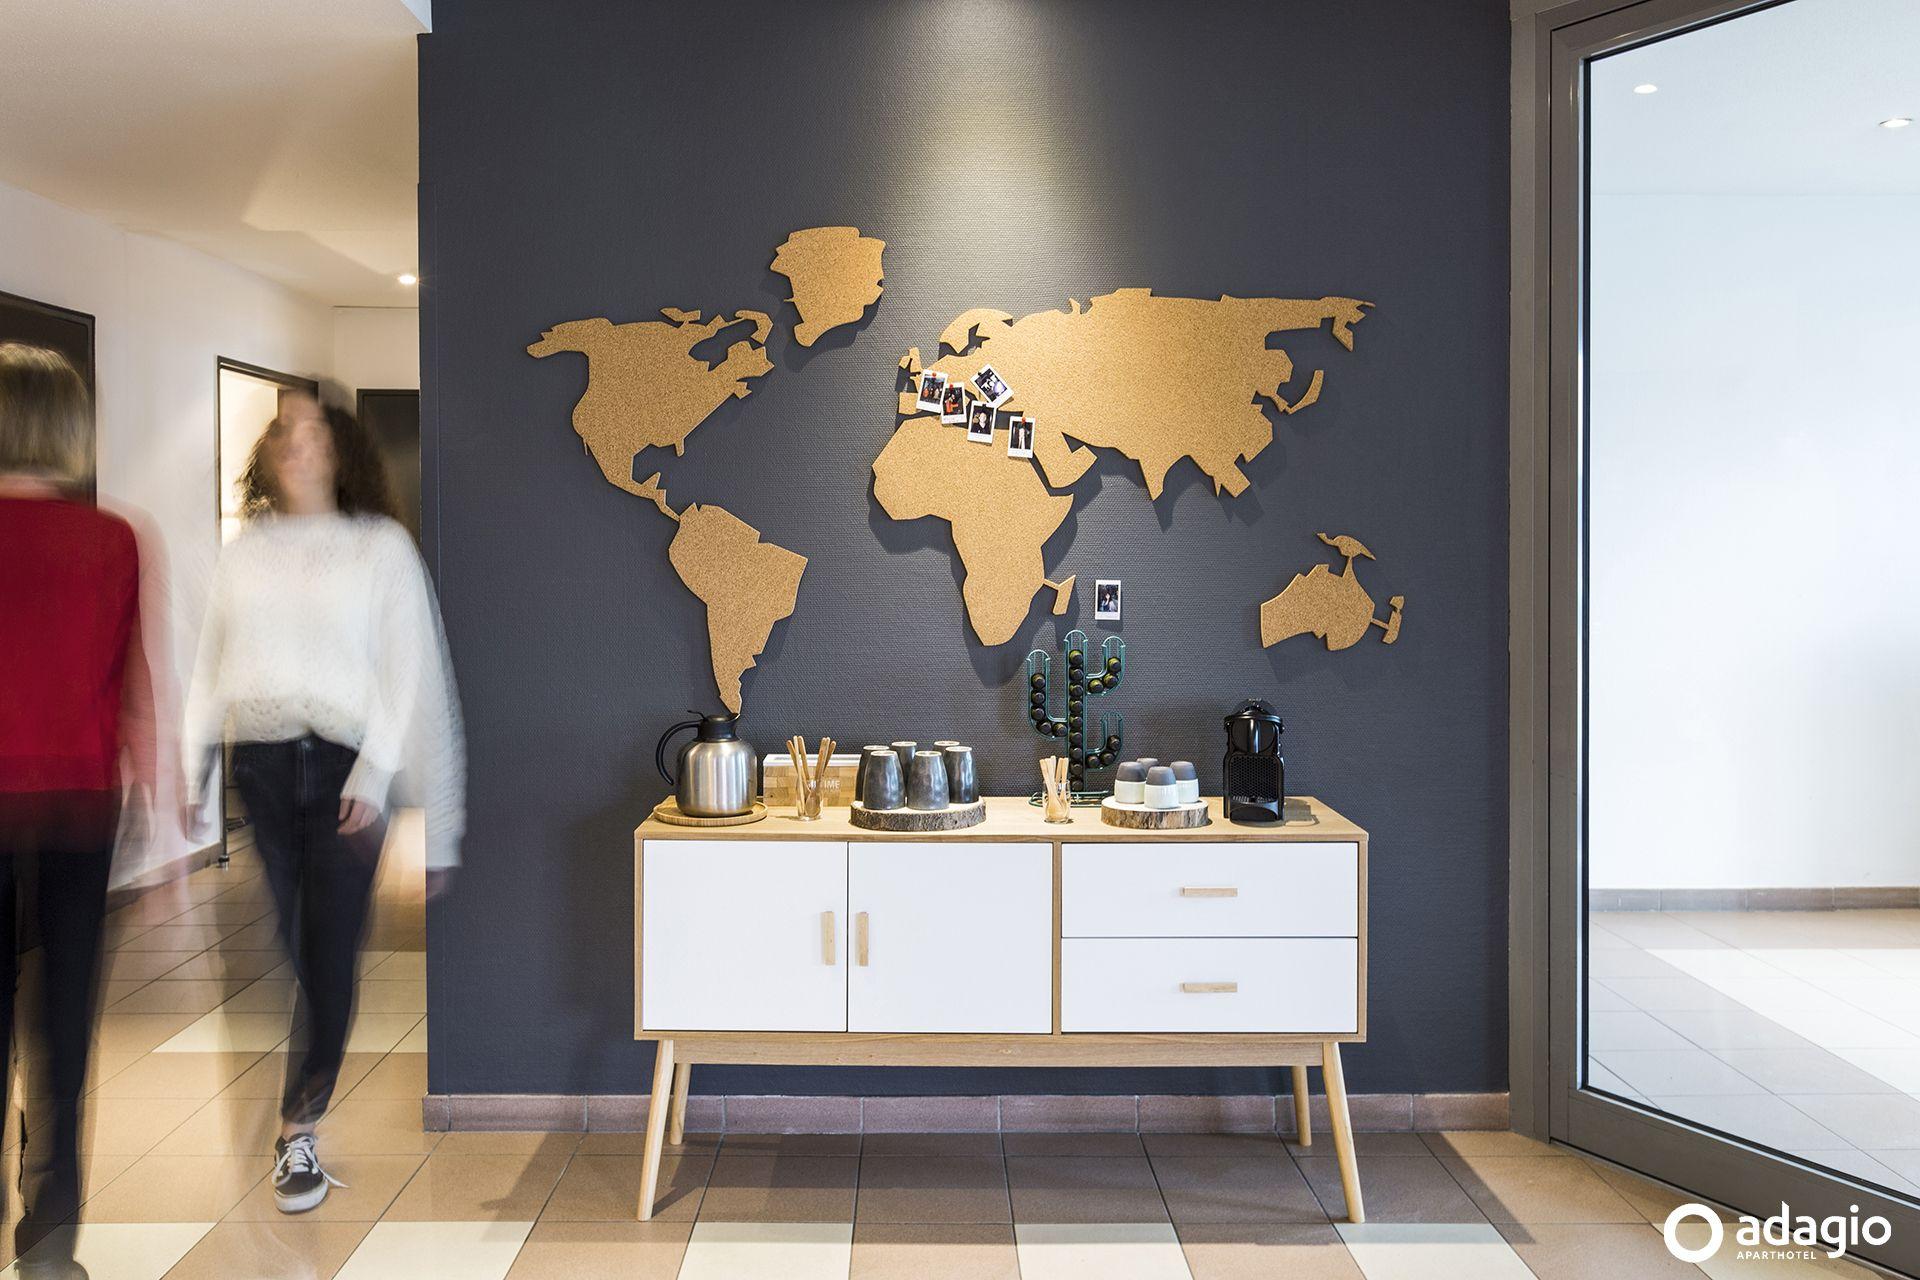 Epingle Par Rencontreunarchi Com Sur Archi Hotels En 2020 Architecte Interieur Hall D Hotel Mobilier